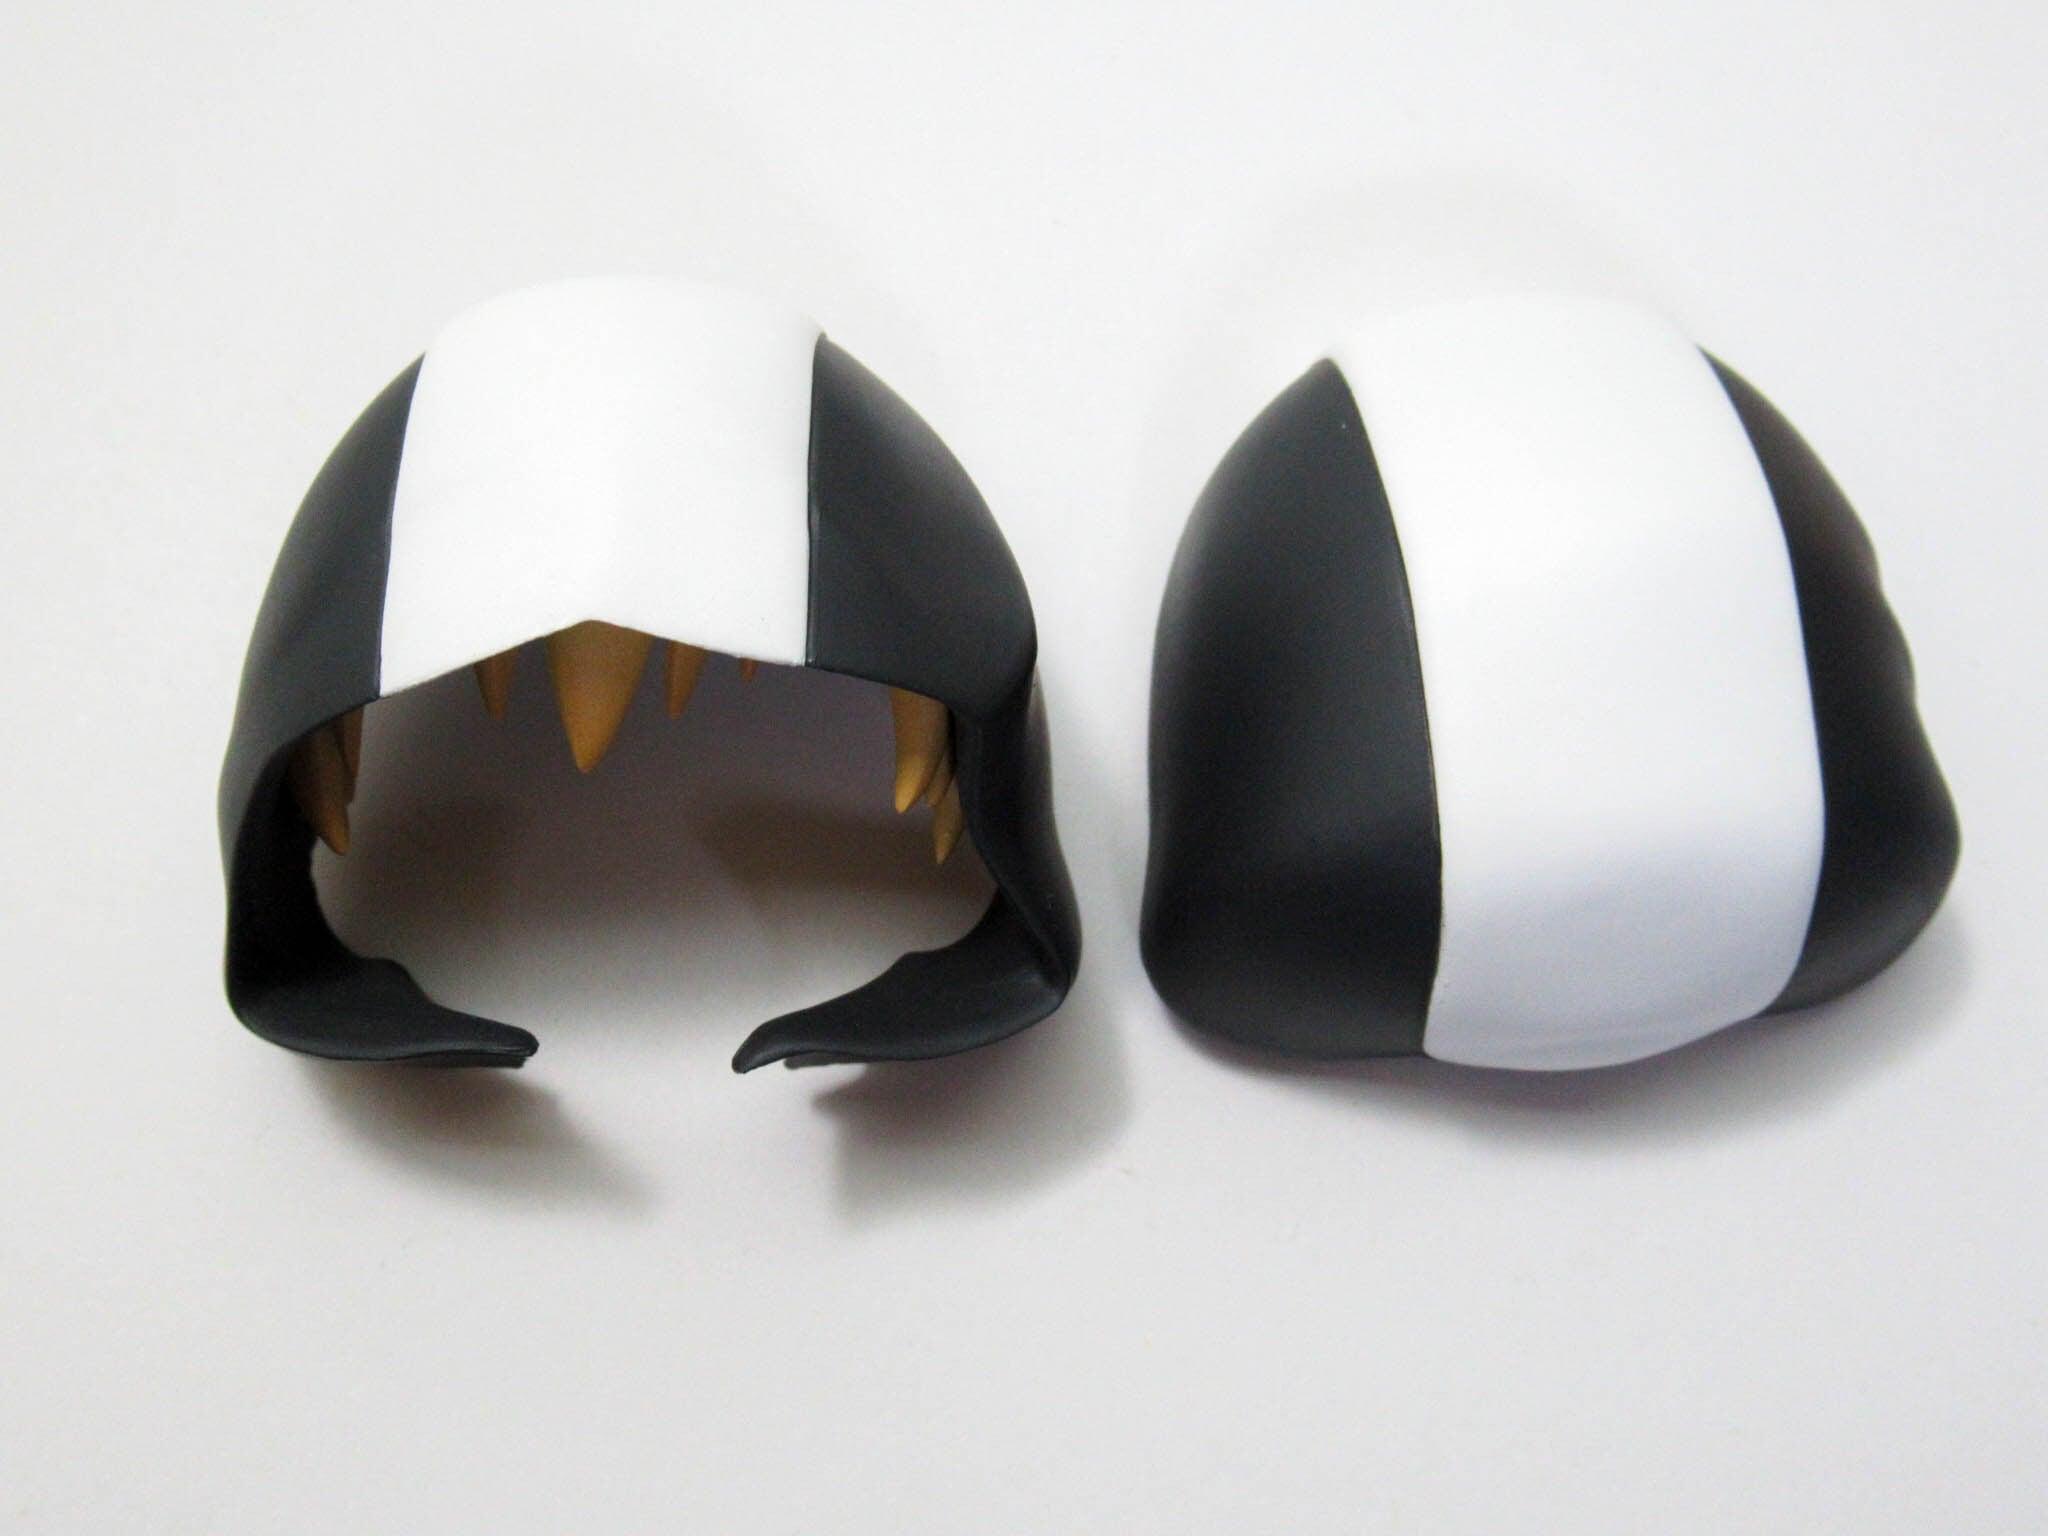 ※【SALE】【842DX】 アーサー・ペンドラゴン(プロトタイプ)霊基再臨 Ver. 髪パーツ フード付きショート ねんどろいど